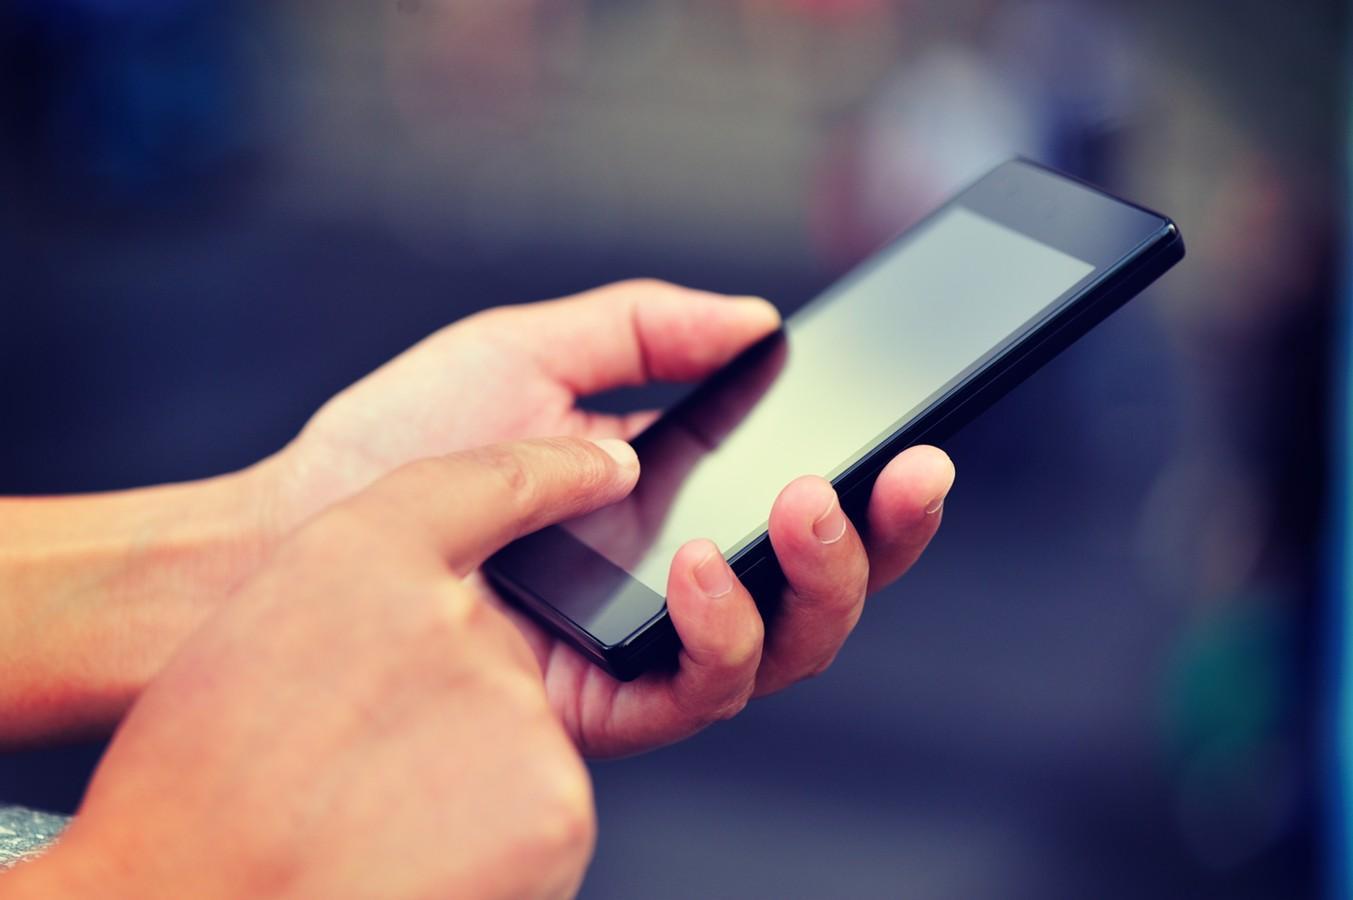 Телефонные номера, на которые нельзя отвечать и перезванивать